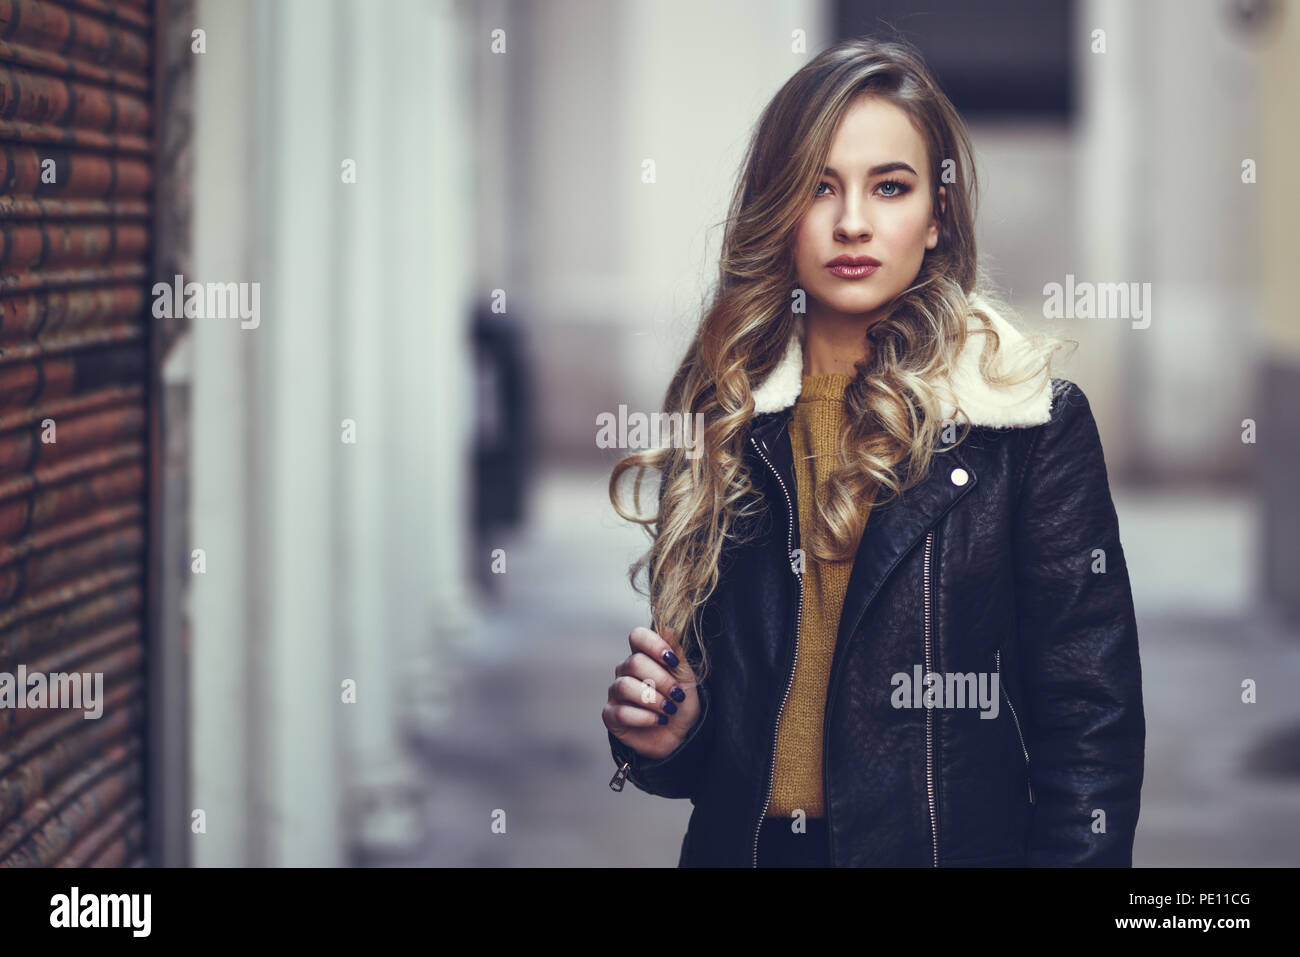 f416a76385396 Mujer rubia en el contexto urbano. Hermosa muchacha vistiendo la chaqueta  de cuero negro y